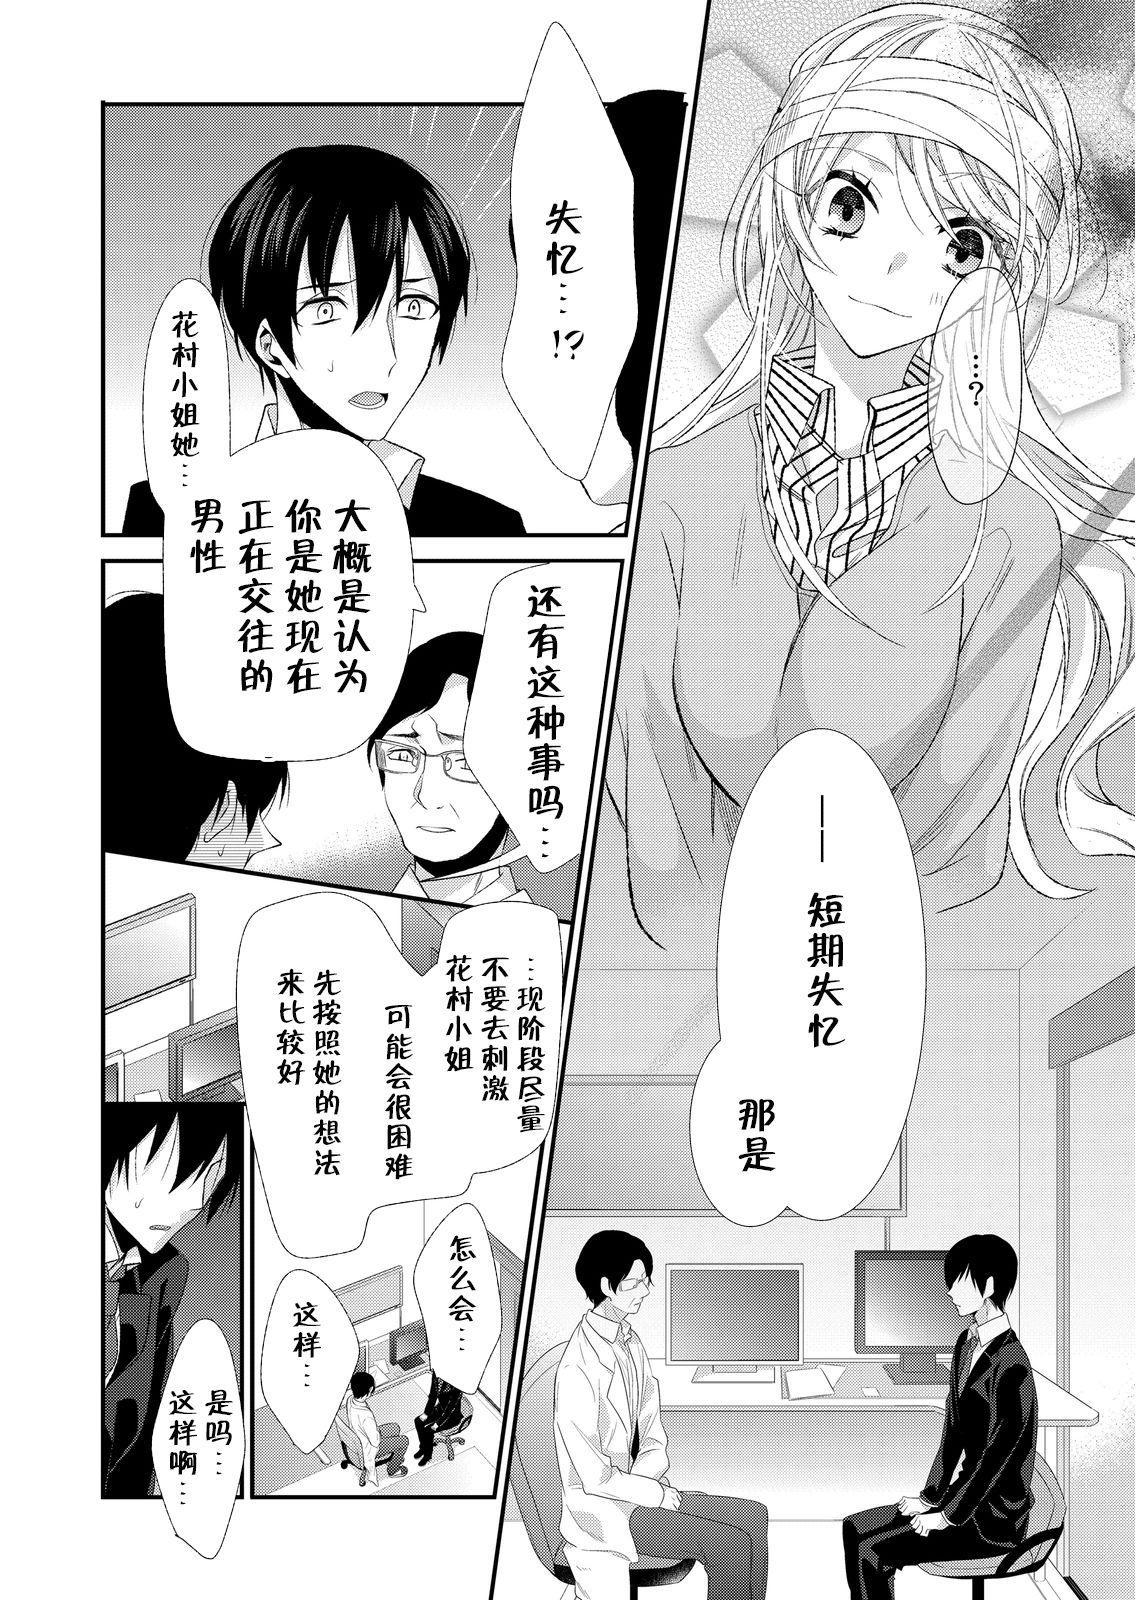 Kioku Sousitsu!? Watashi no Kareshi ha Docchi? Karada de Tameshite・・・ | 失忆!?我的男朋友到底是谁?用身体来确认…Ch. 1-2 18